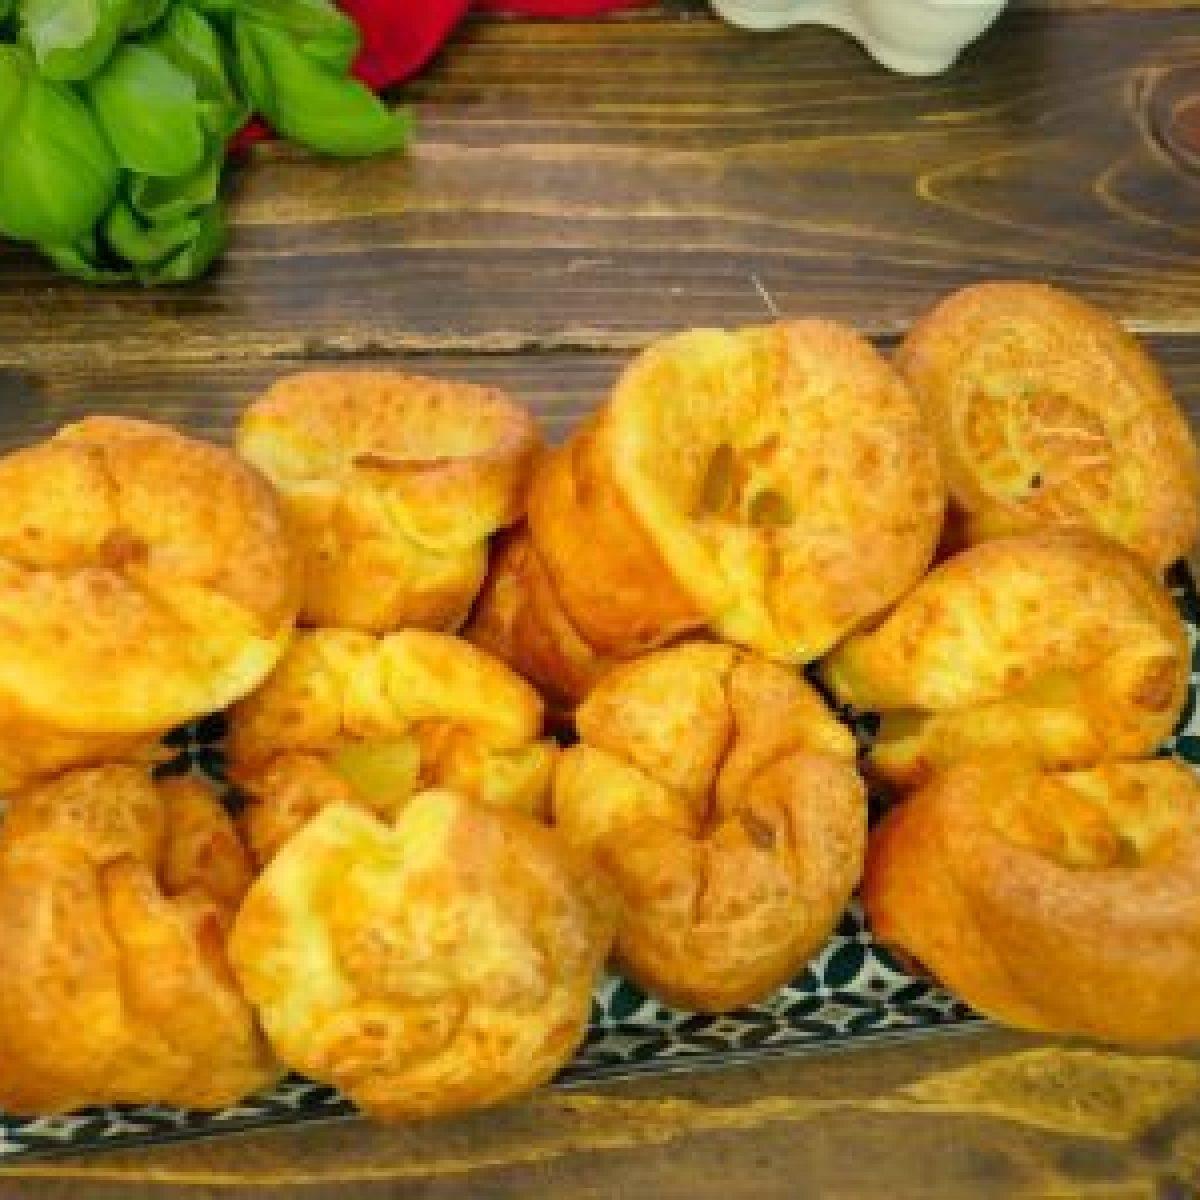 Yorkshire Pudding Ricetta Bimby.Yorkshire Pudding La Ricetta Del Contorno Anglosassone Ideale Per Il Roast Beef